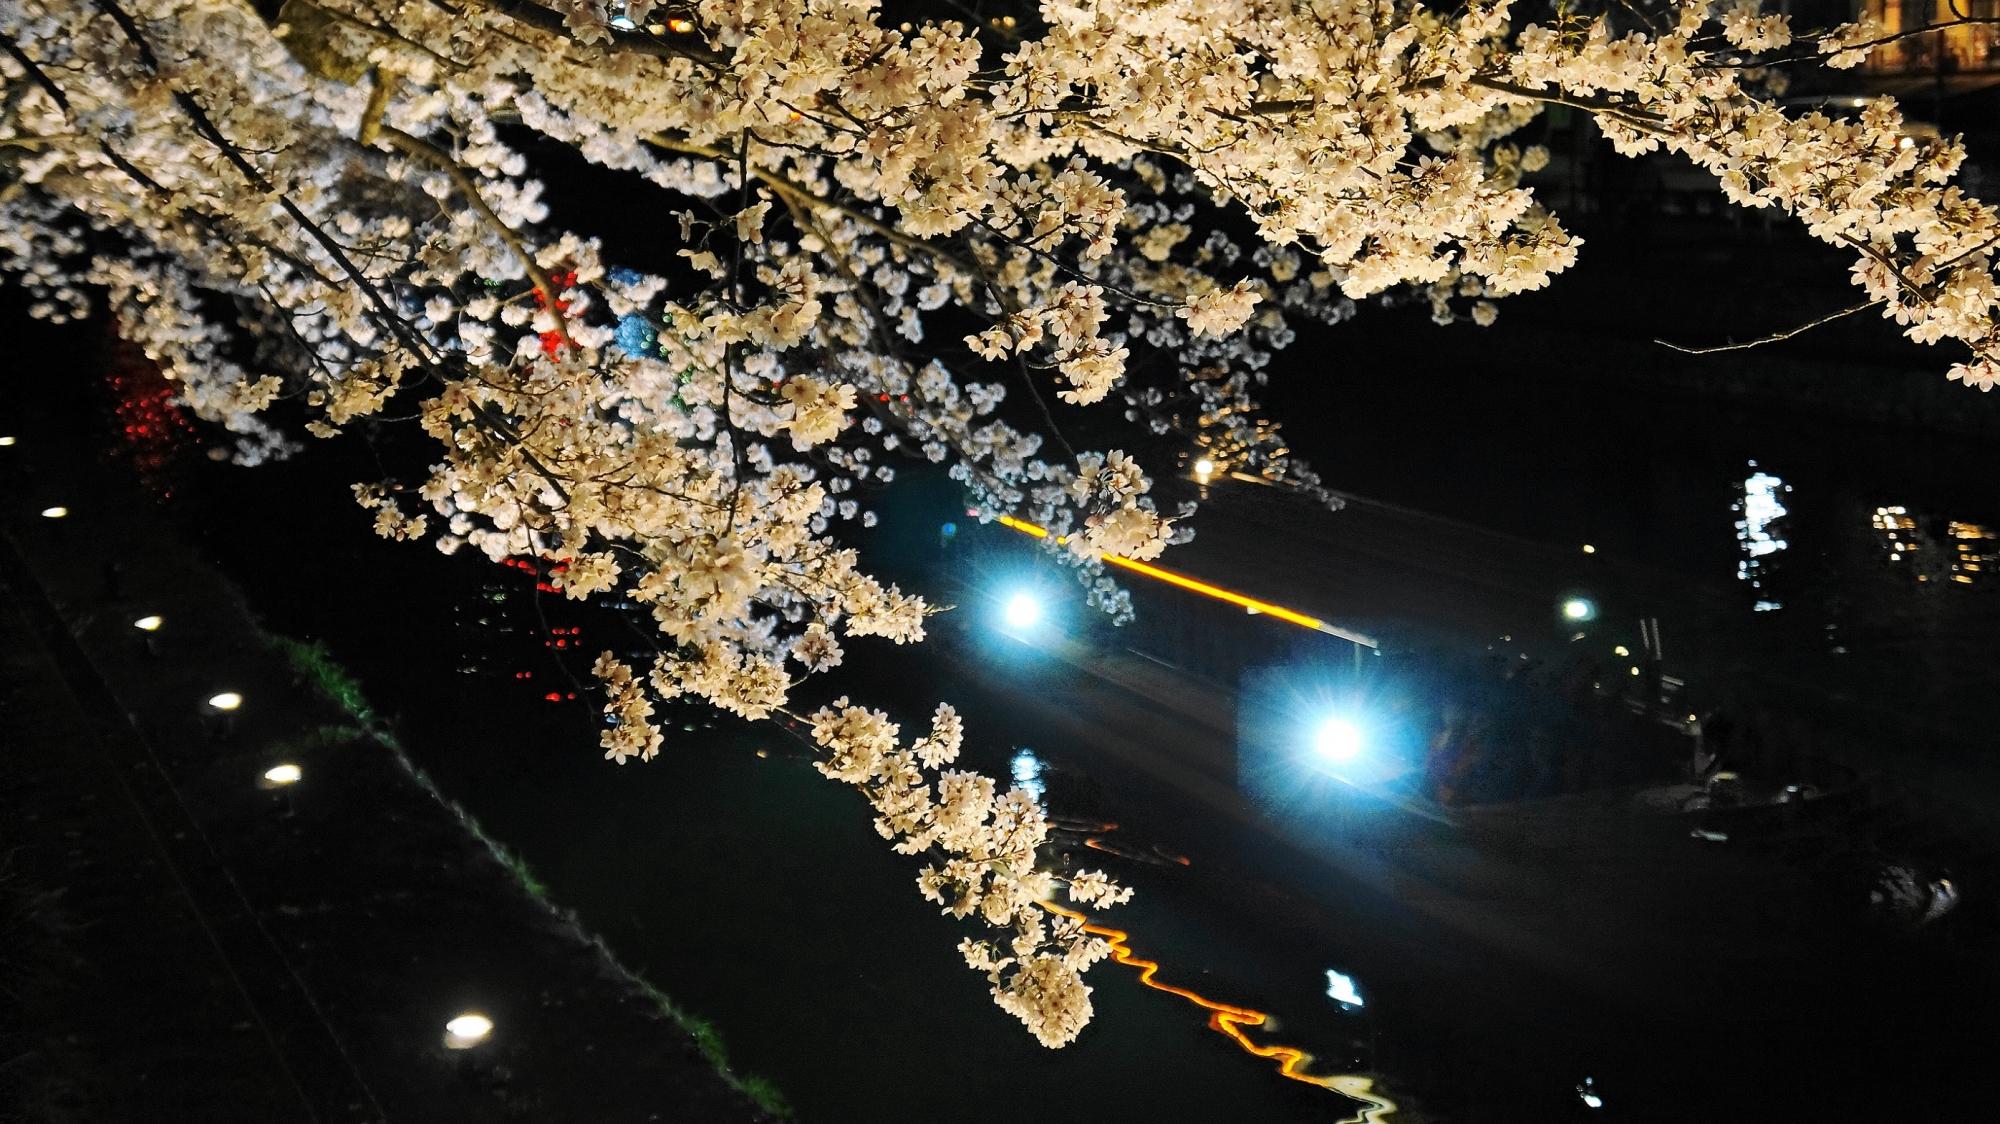 岡崎疏水の鮮やかな桜ライトアップ